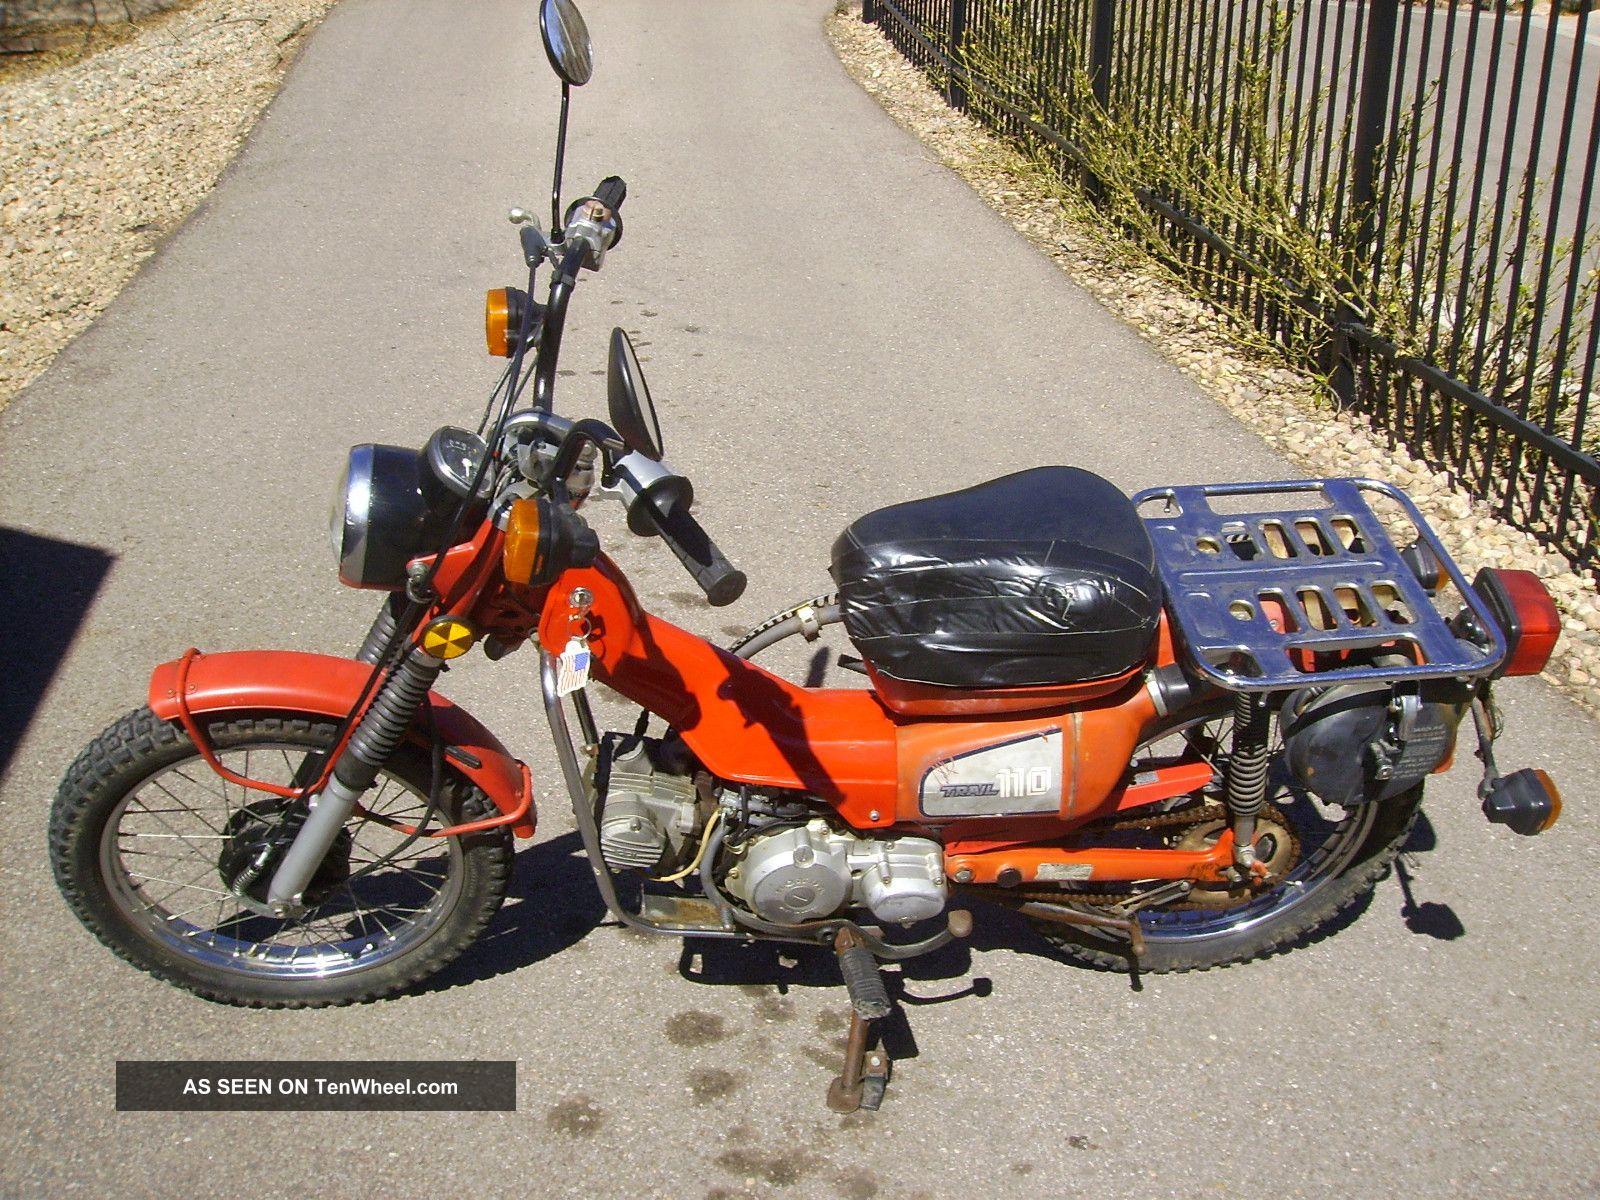 1983 Honda Ct 110 CT photo